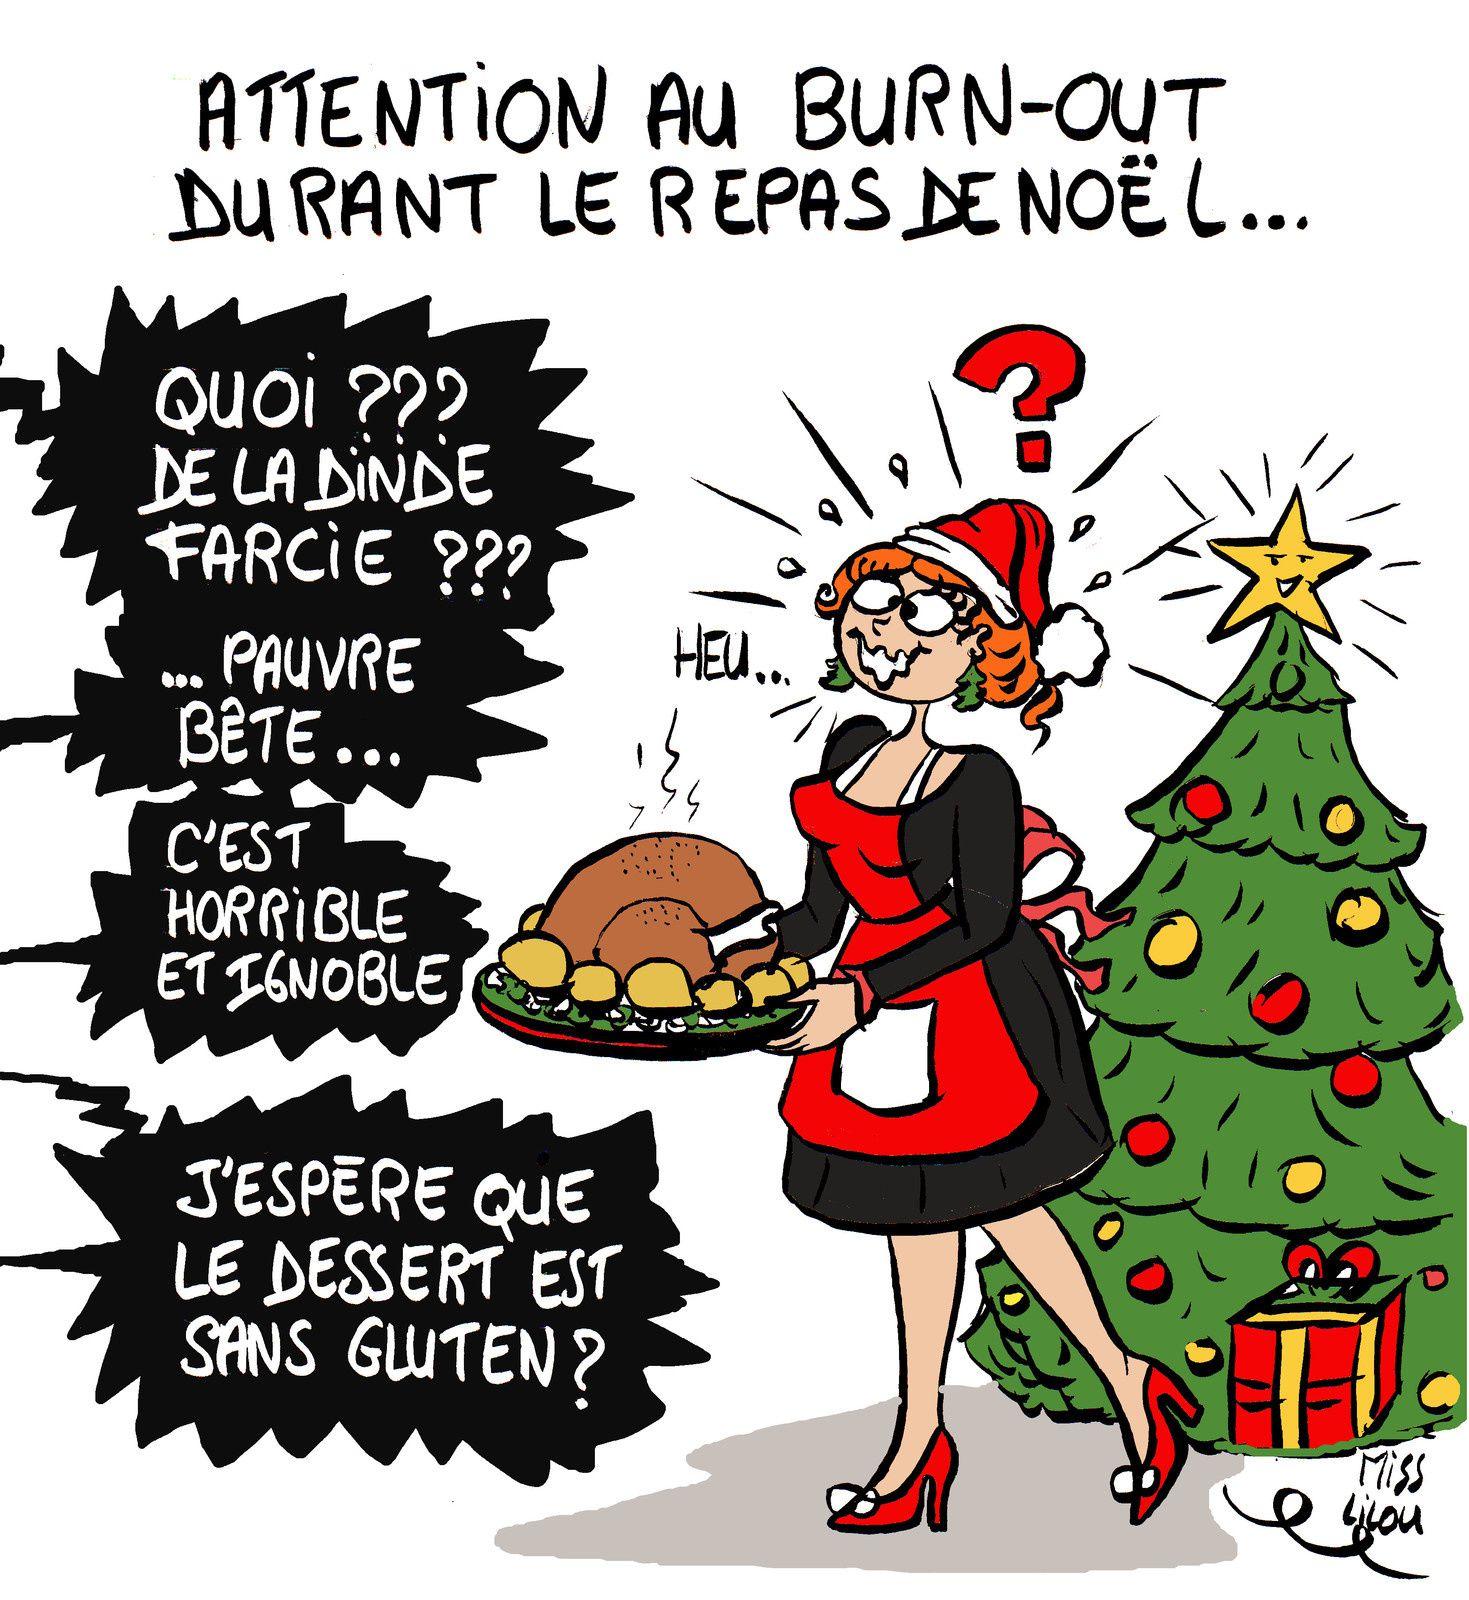 Attention au Burn-out durant le Repas de Noël !